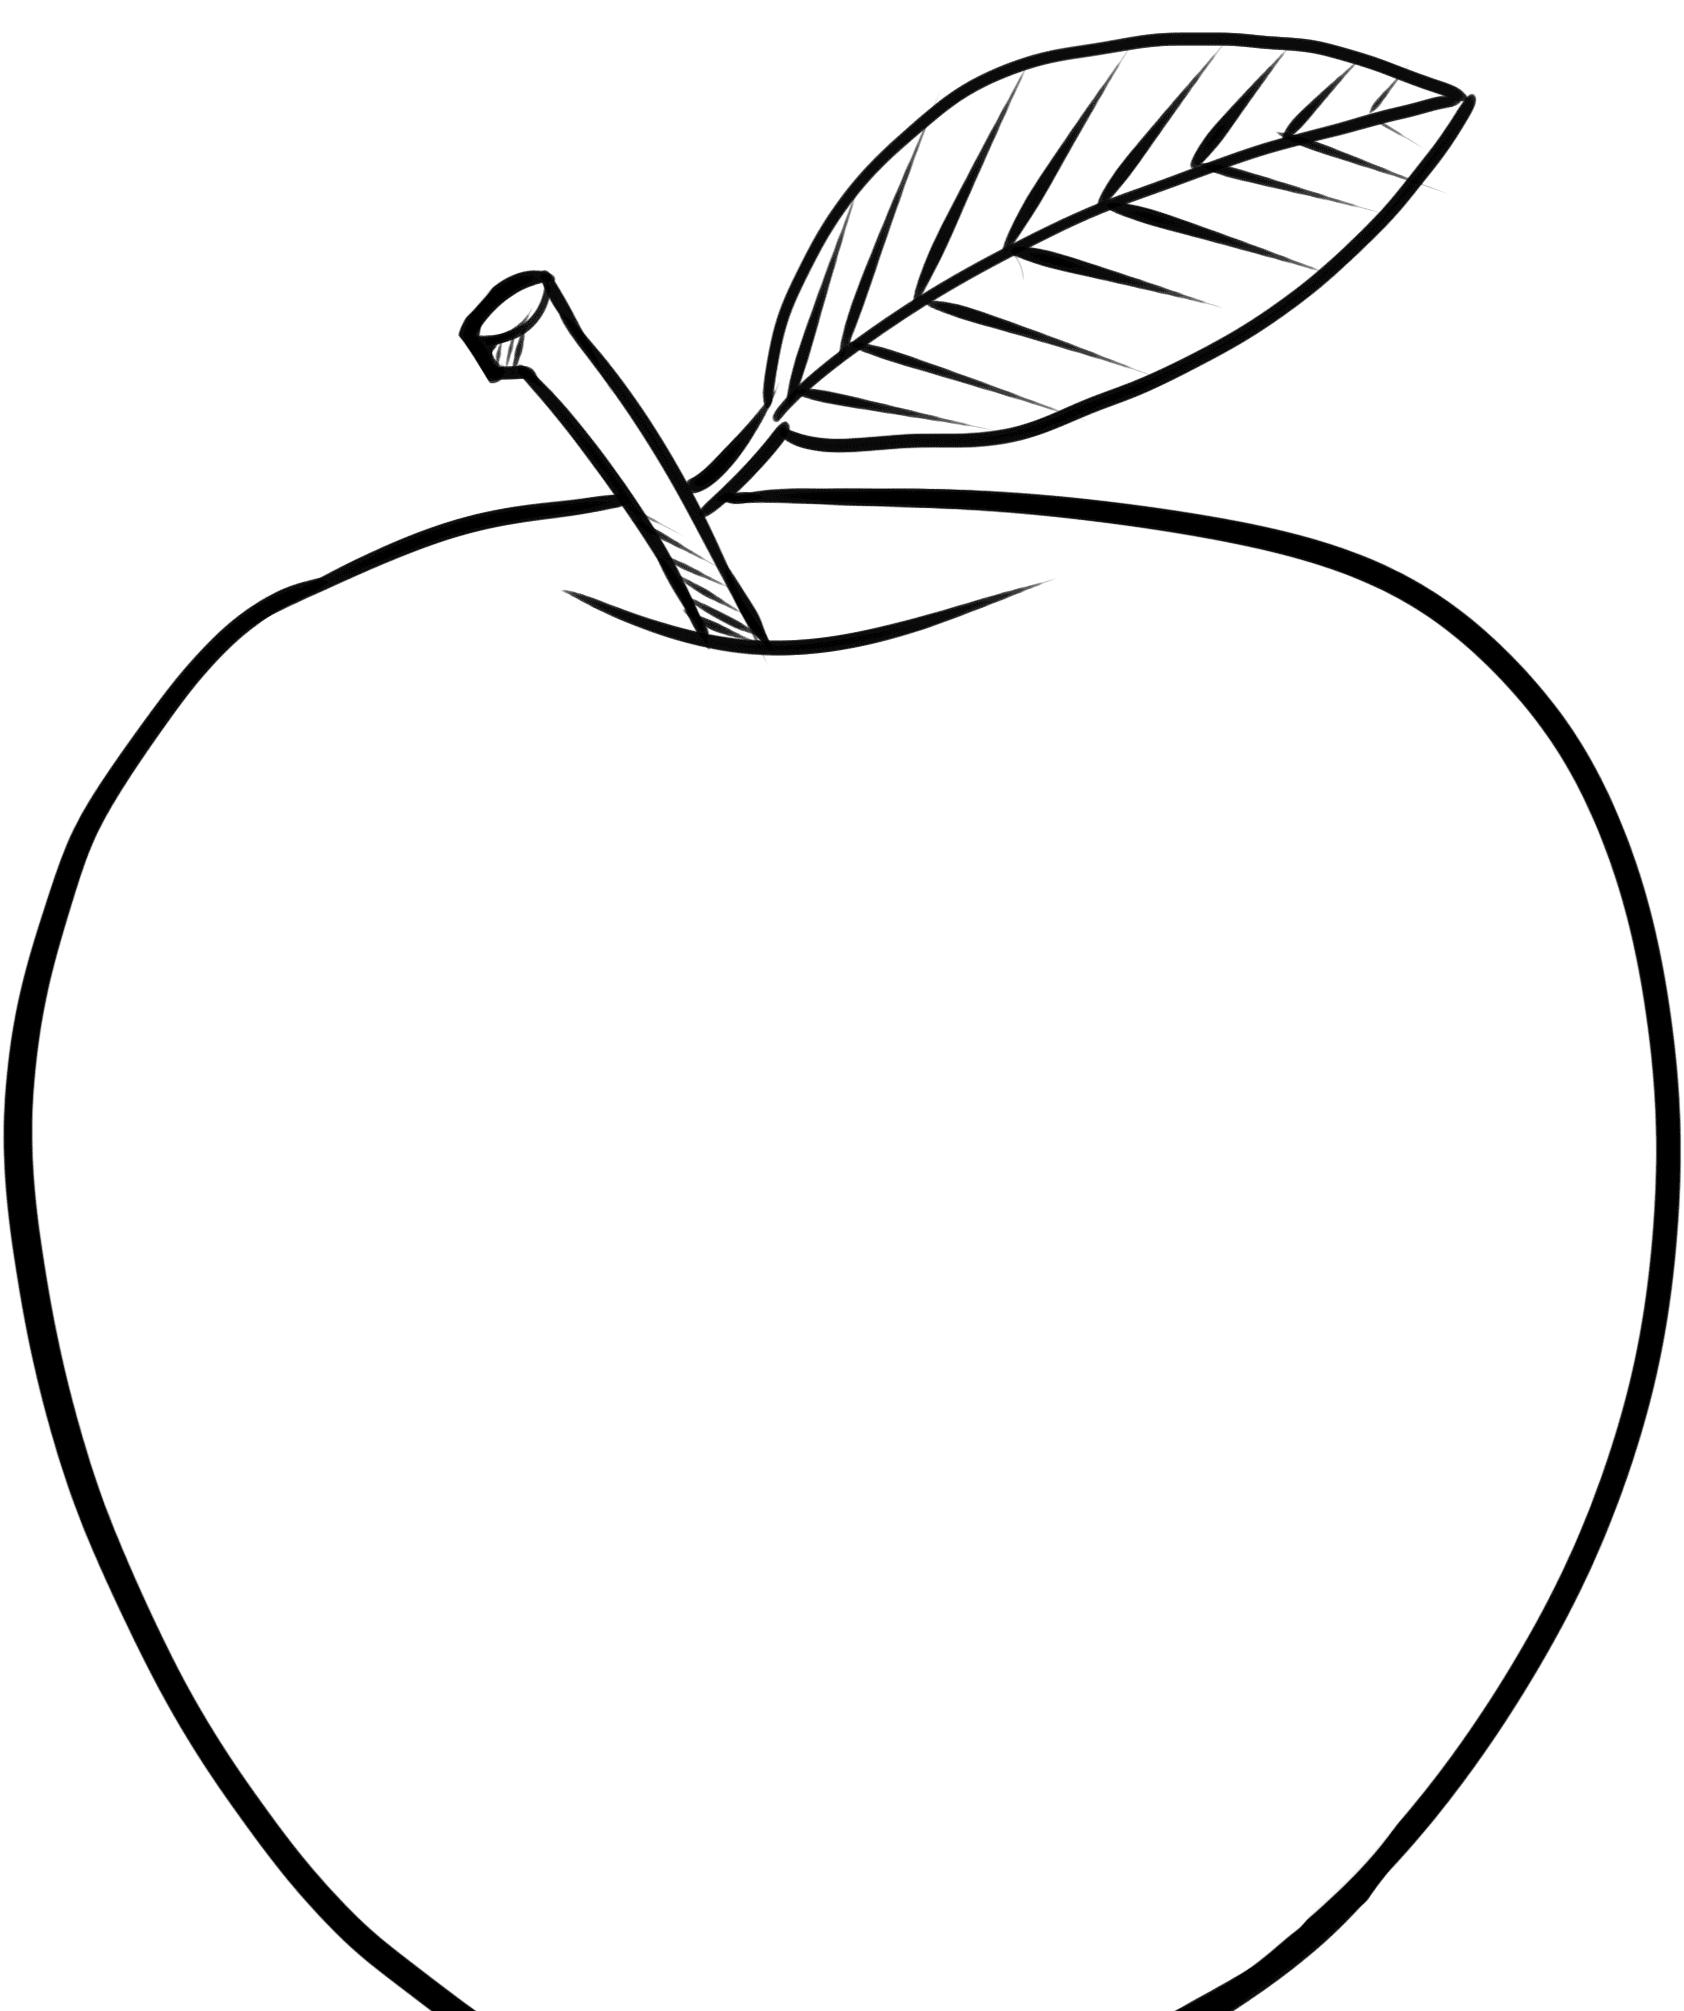 Ausmalbilder Apfel, Vordruck Apfel Schablonen Zum Ausdrucken in Bastelvorlage Apfel